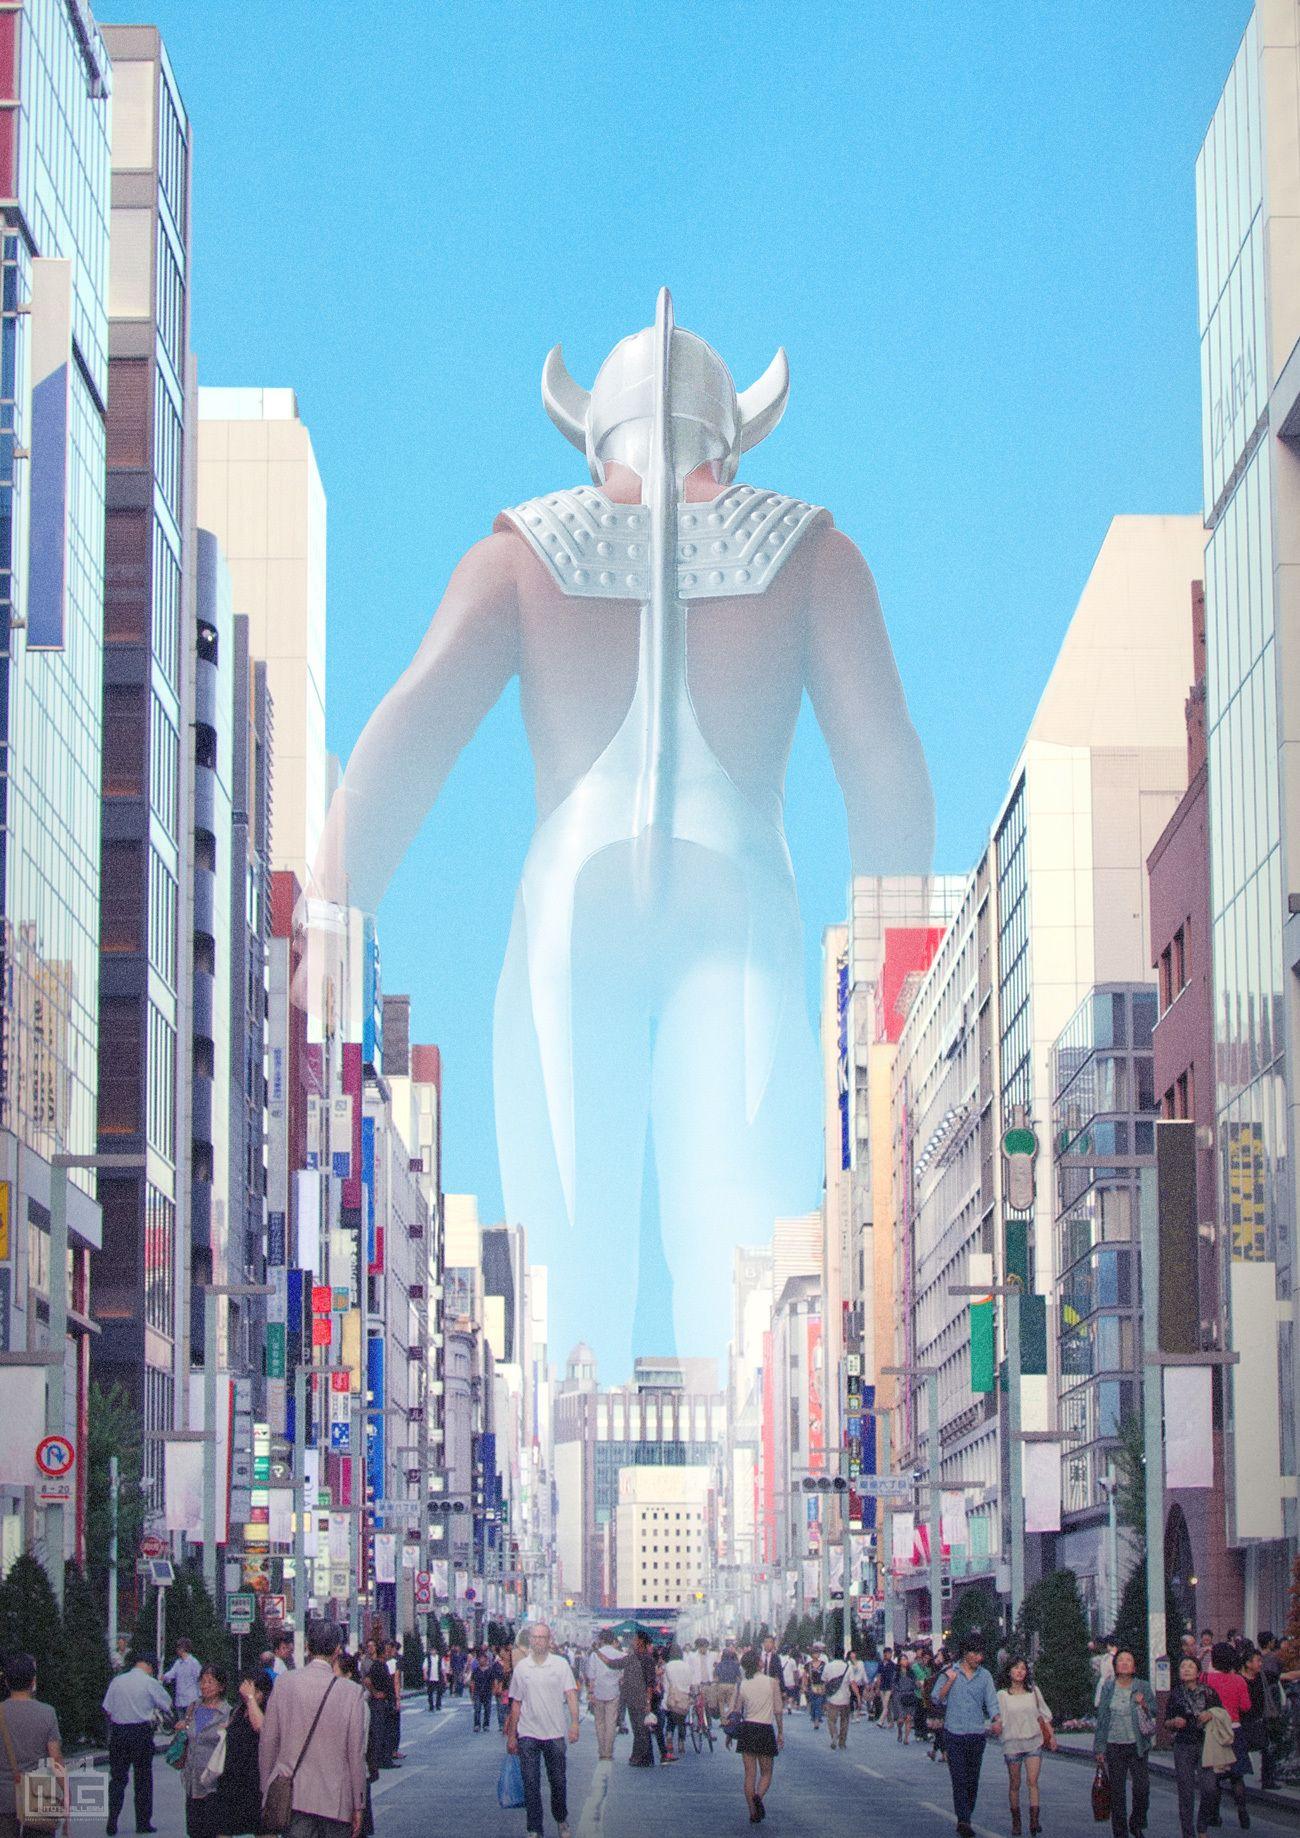 デジラマ さらばタロウよ 日本の景色 ウルトラマン イラスト ウルトラマンタロウ